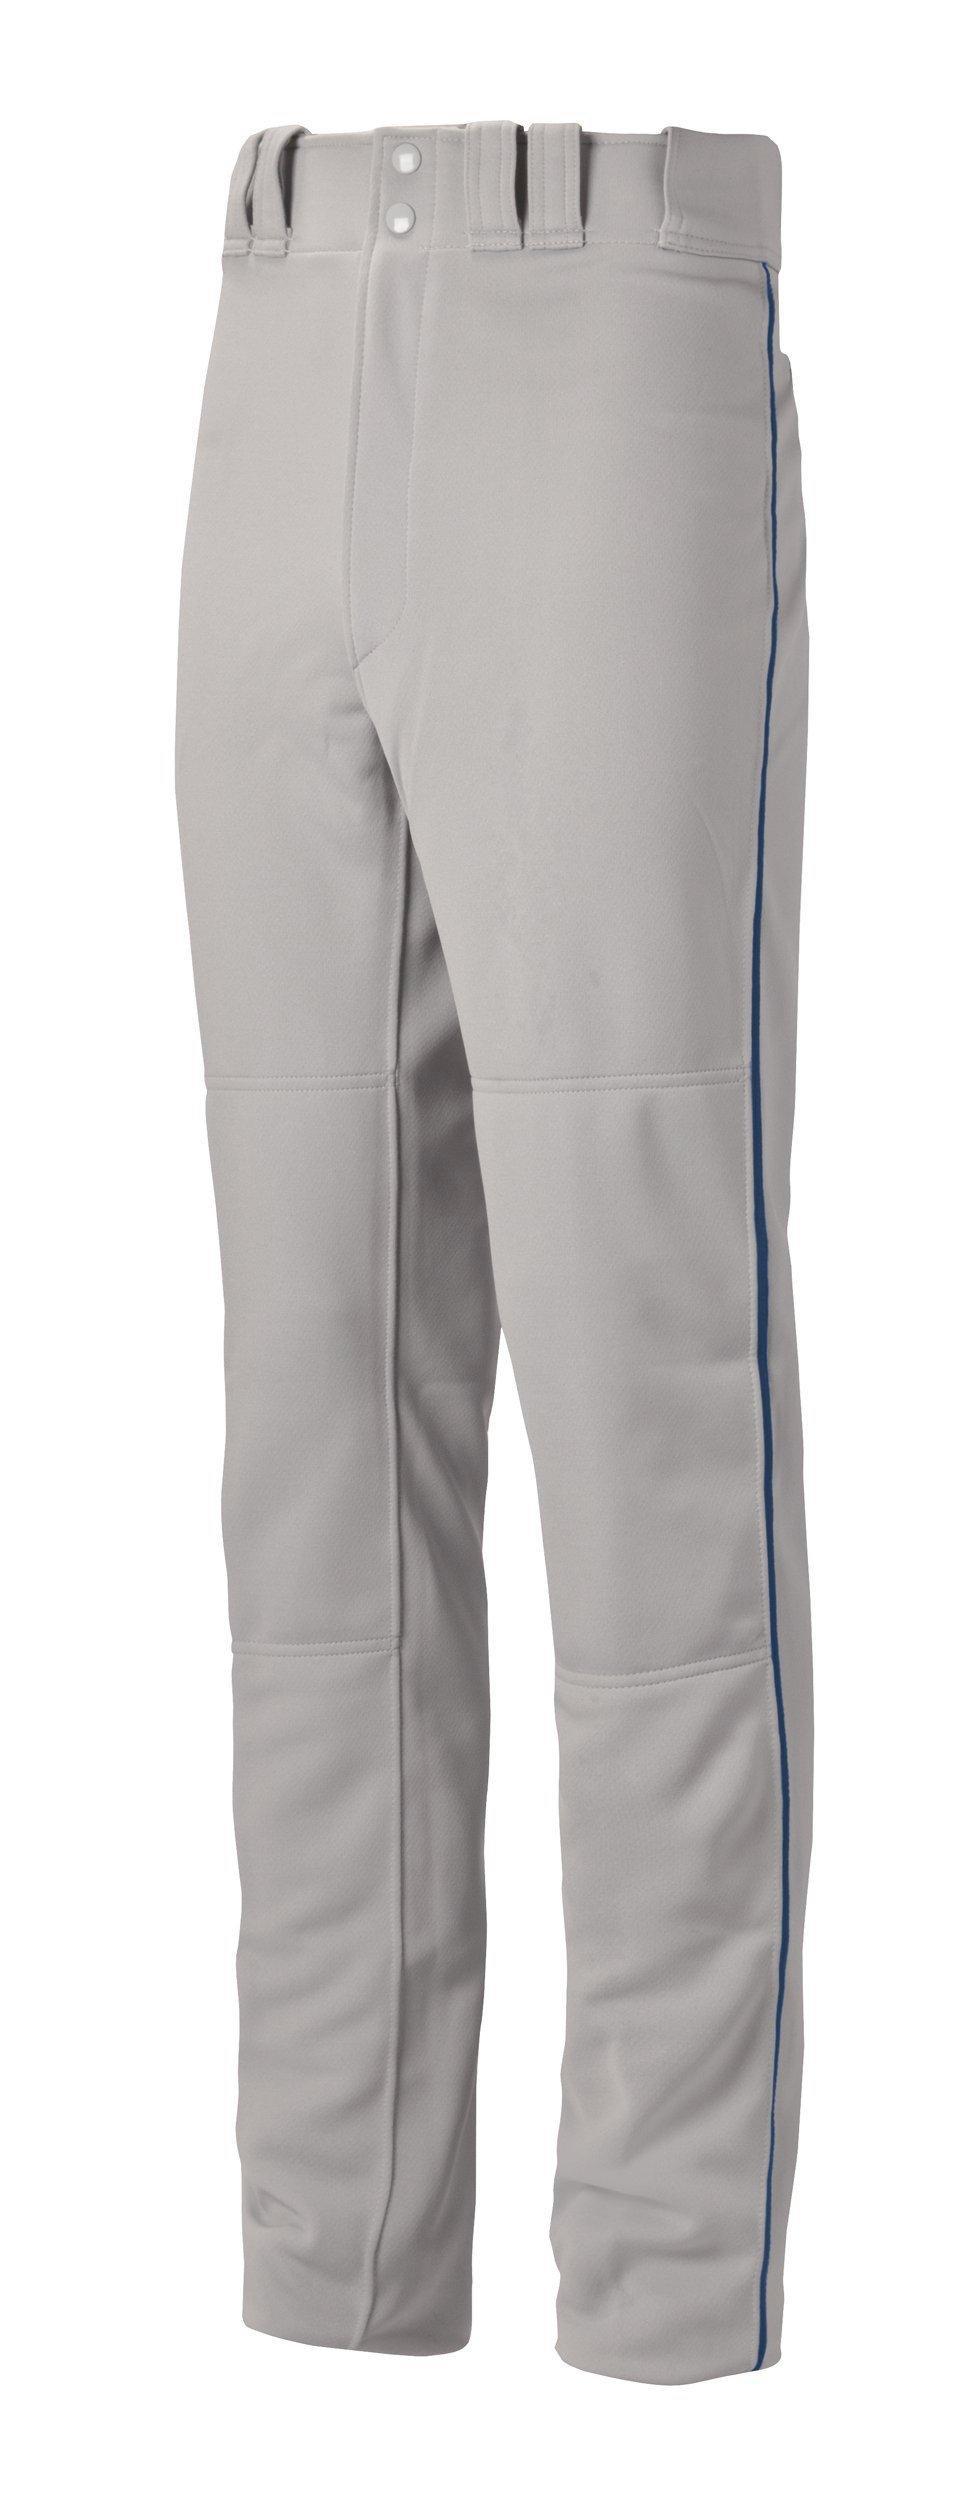 Mizuno Jóvenes Seleccione Pro Hilo G2 Pantalón De Béisbol I66O51